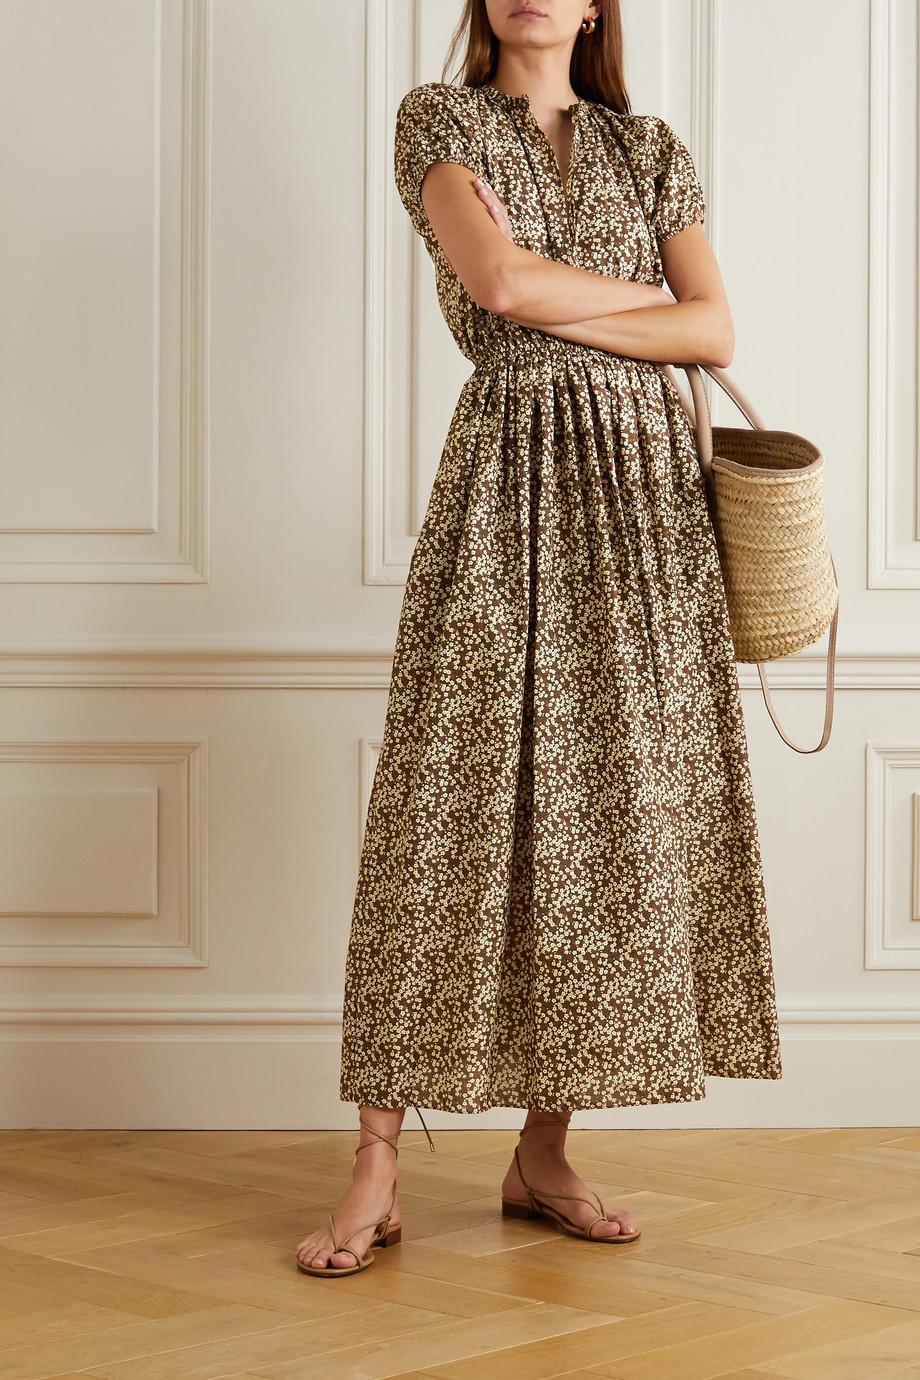 Matteau + NET SUSTAIN Cocoon Maxikleid aus Baumwolle mit Blumenprint